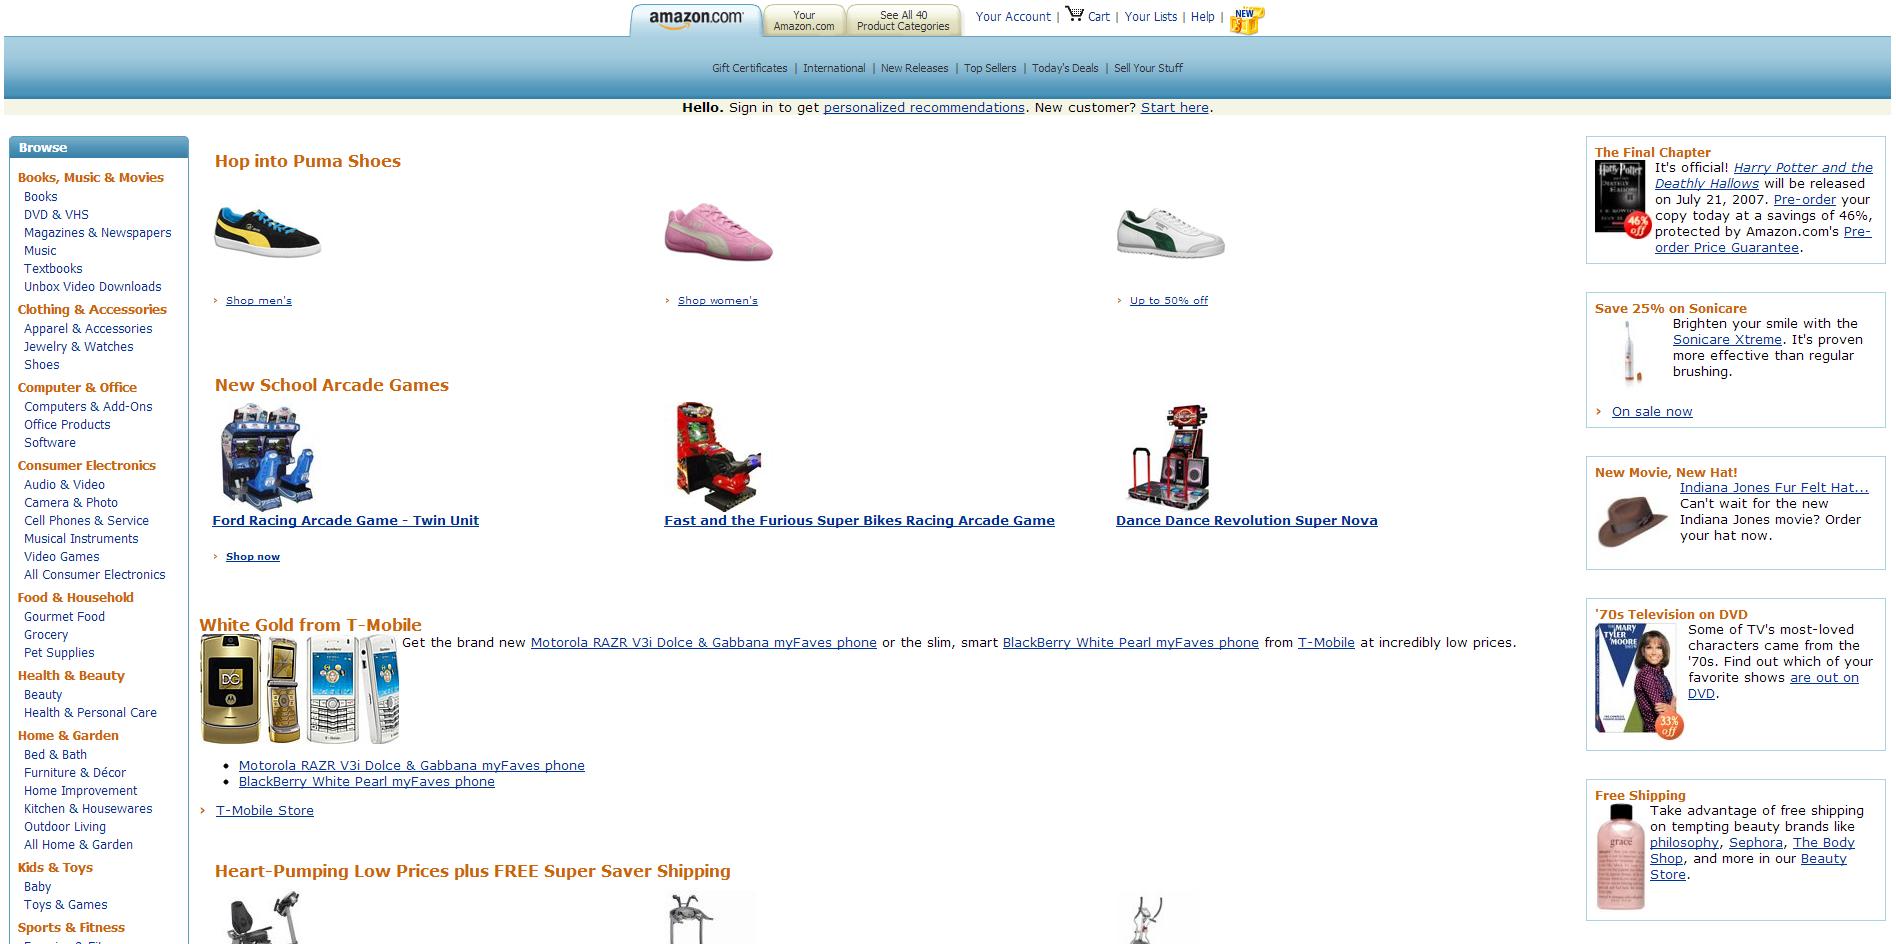 Amazon2007.PNG